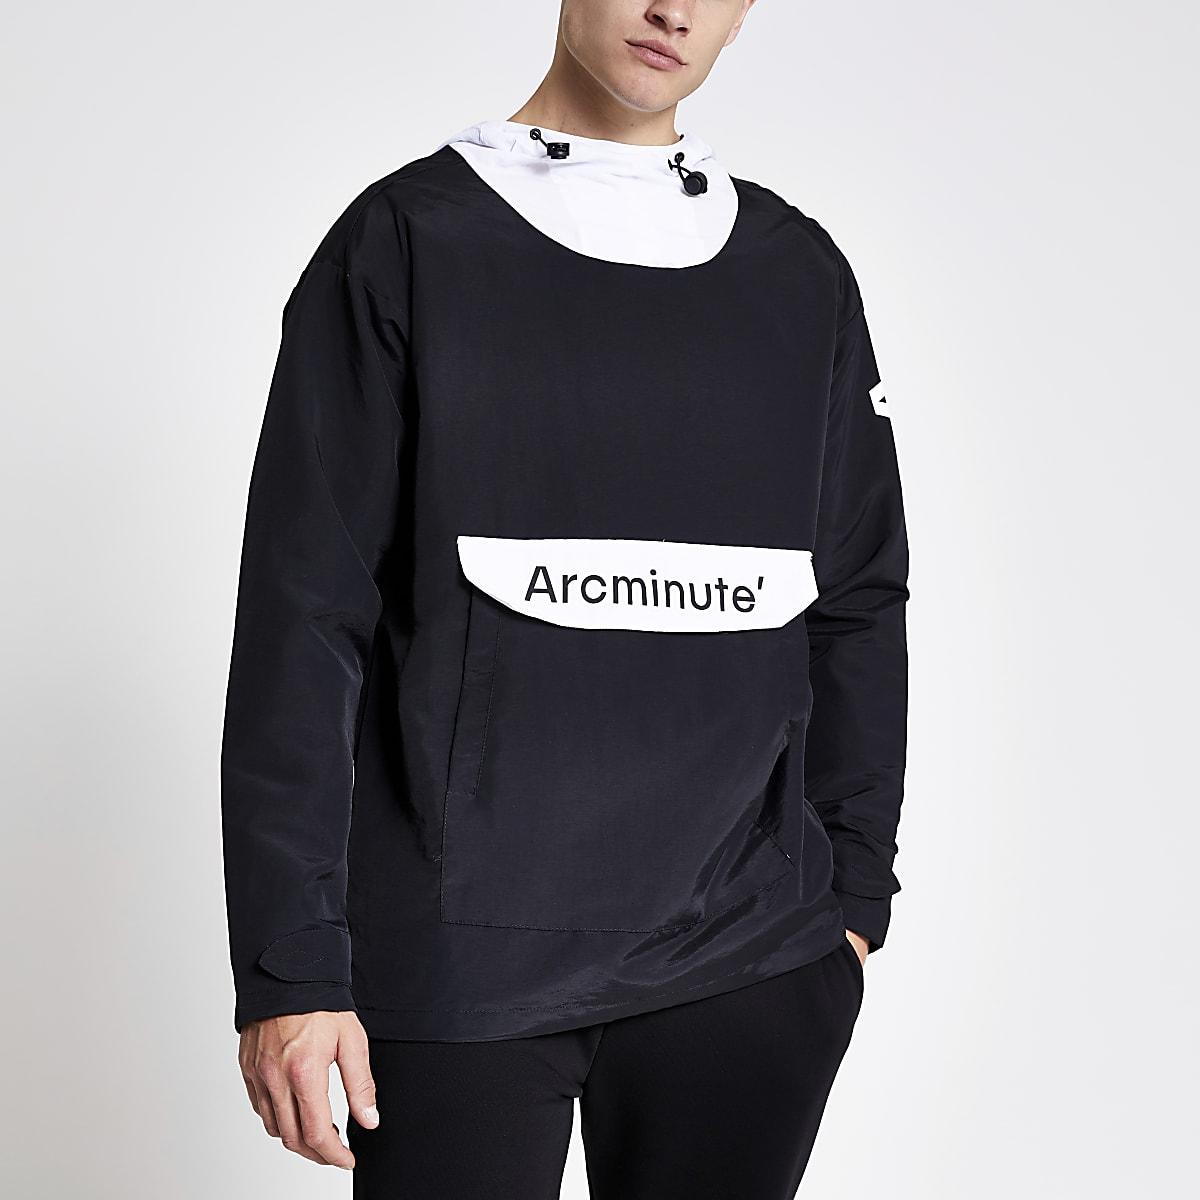 Arcminute – Veste légère noire à capuche